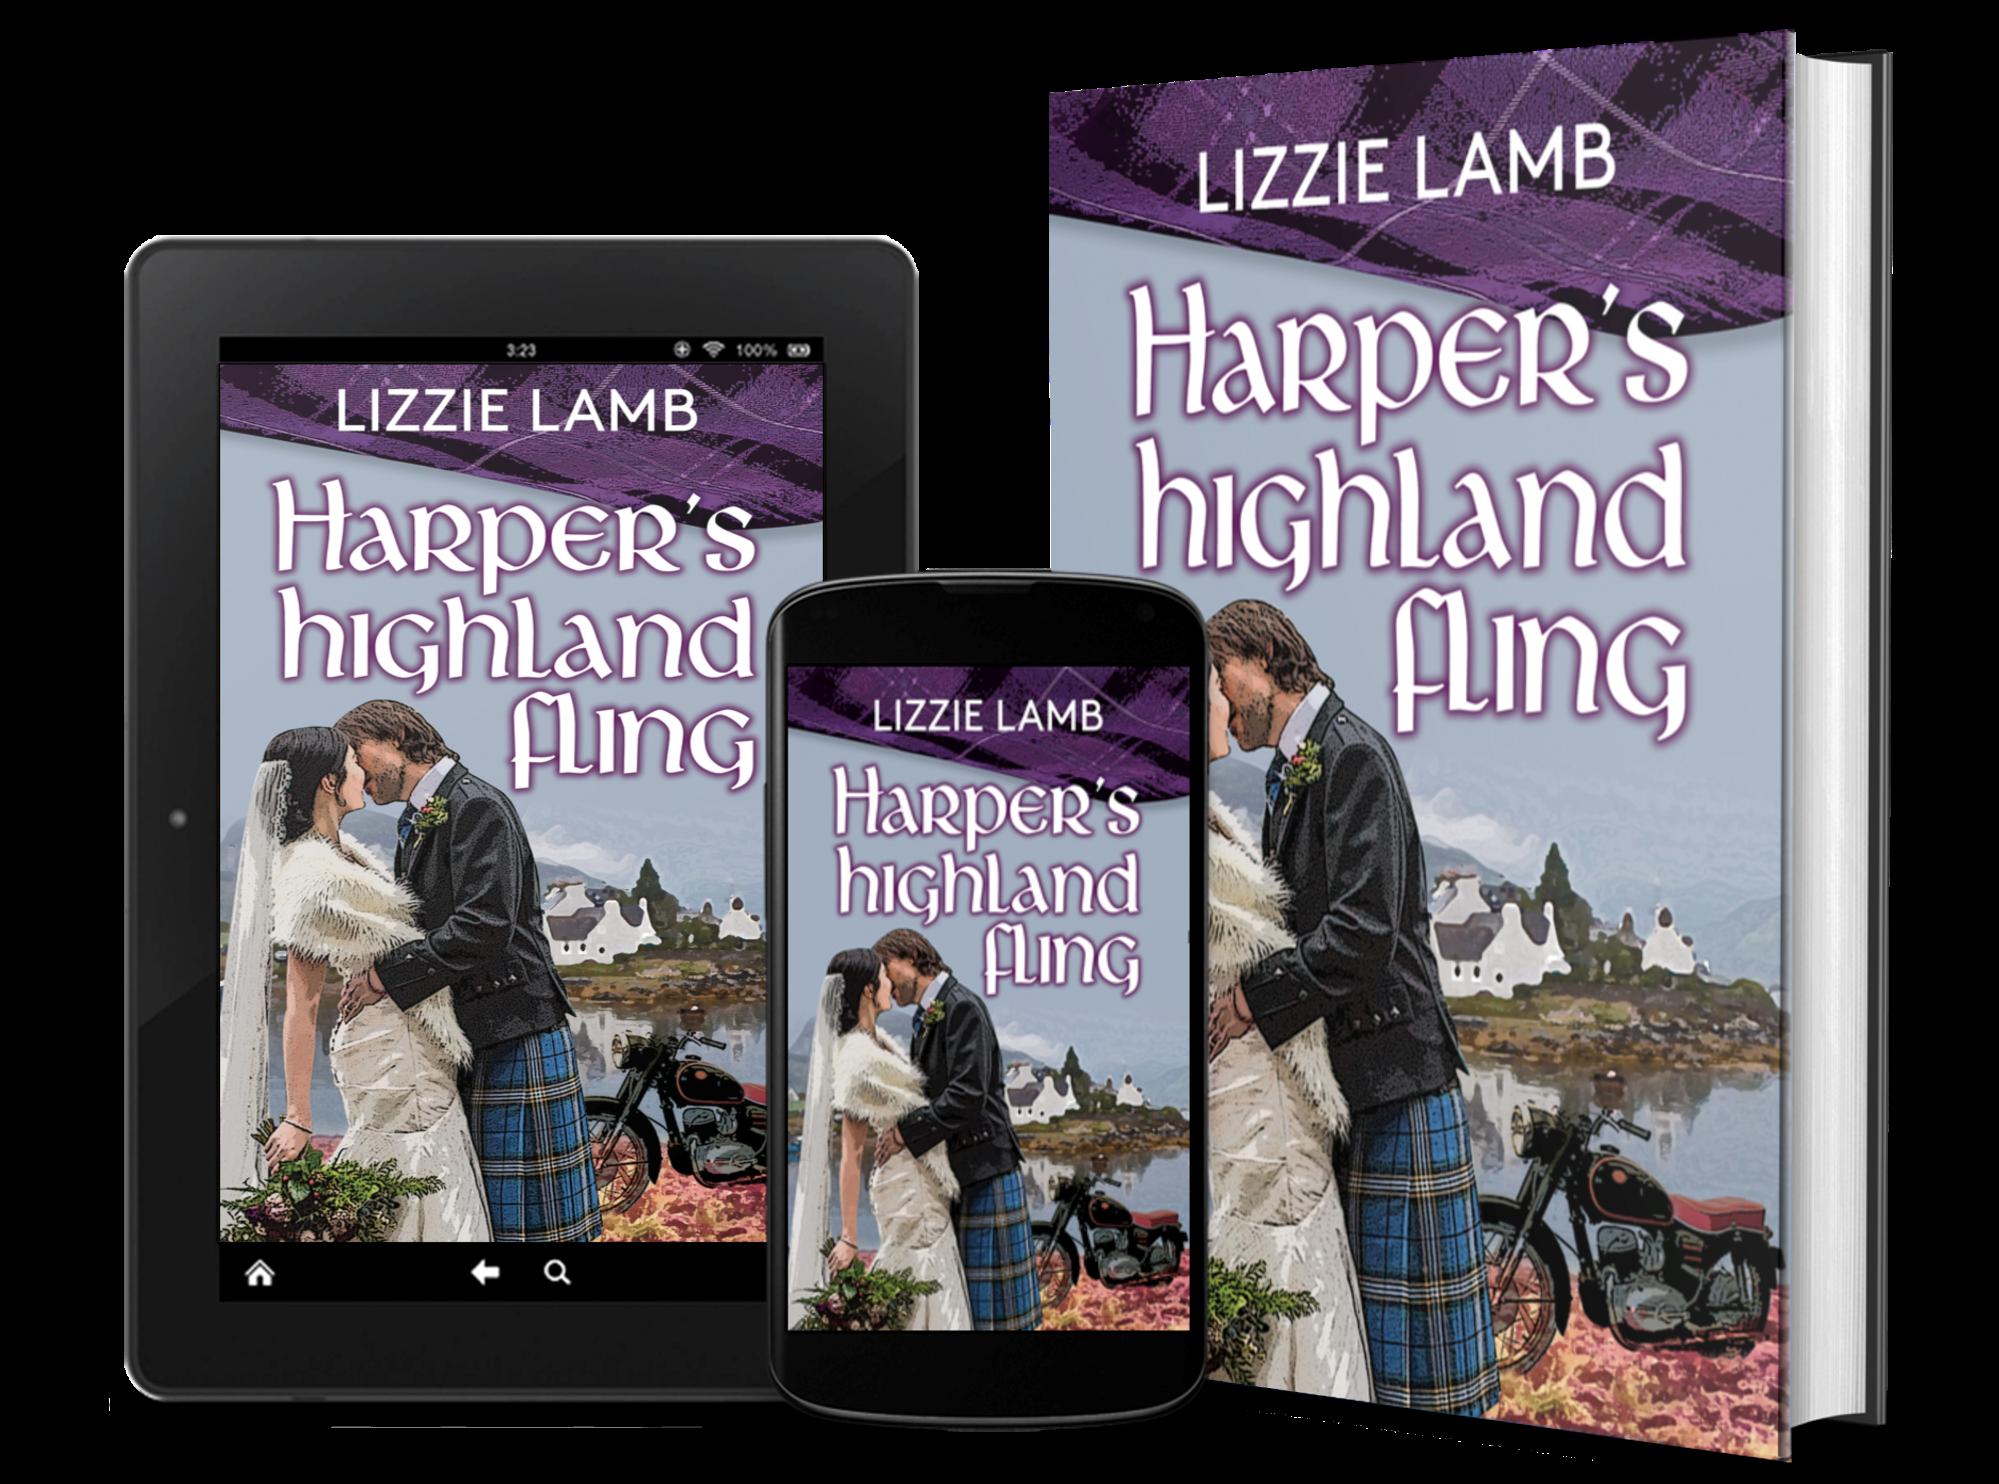 Harper's Highland Fling